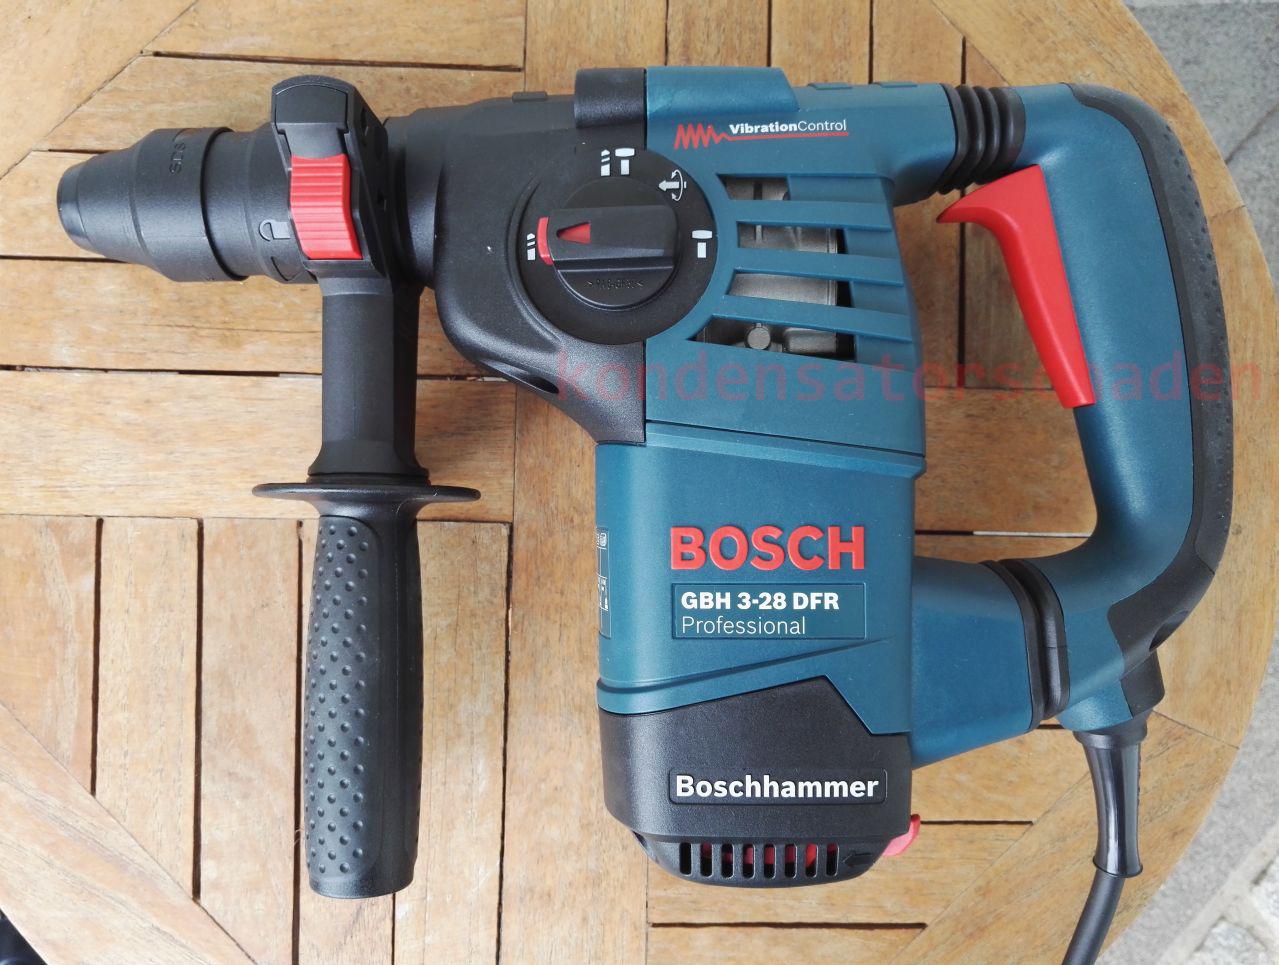 bosch bohrhammer bgh 3 28 aka die abrissbirne des kleinen mannes. Black Bedroom Furniture Sets. Home Design Ideas